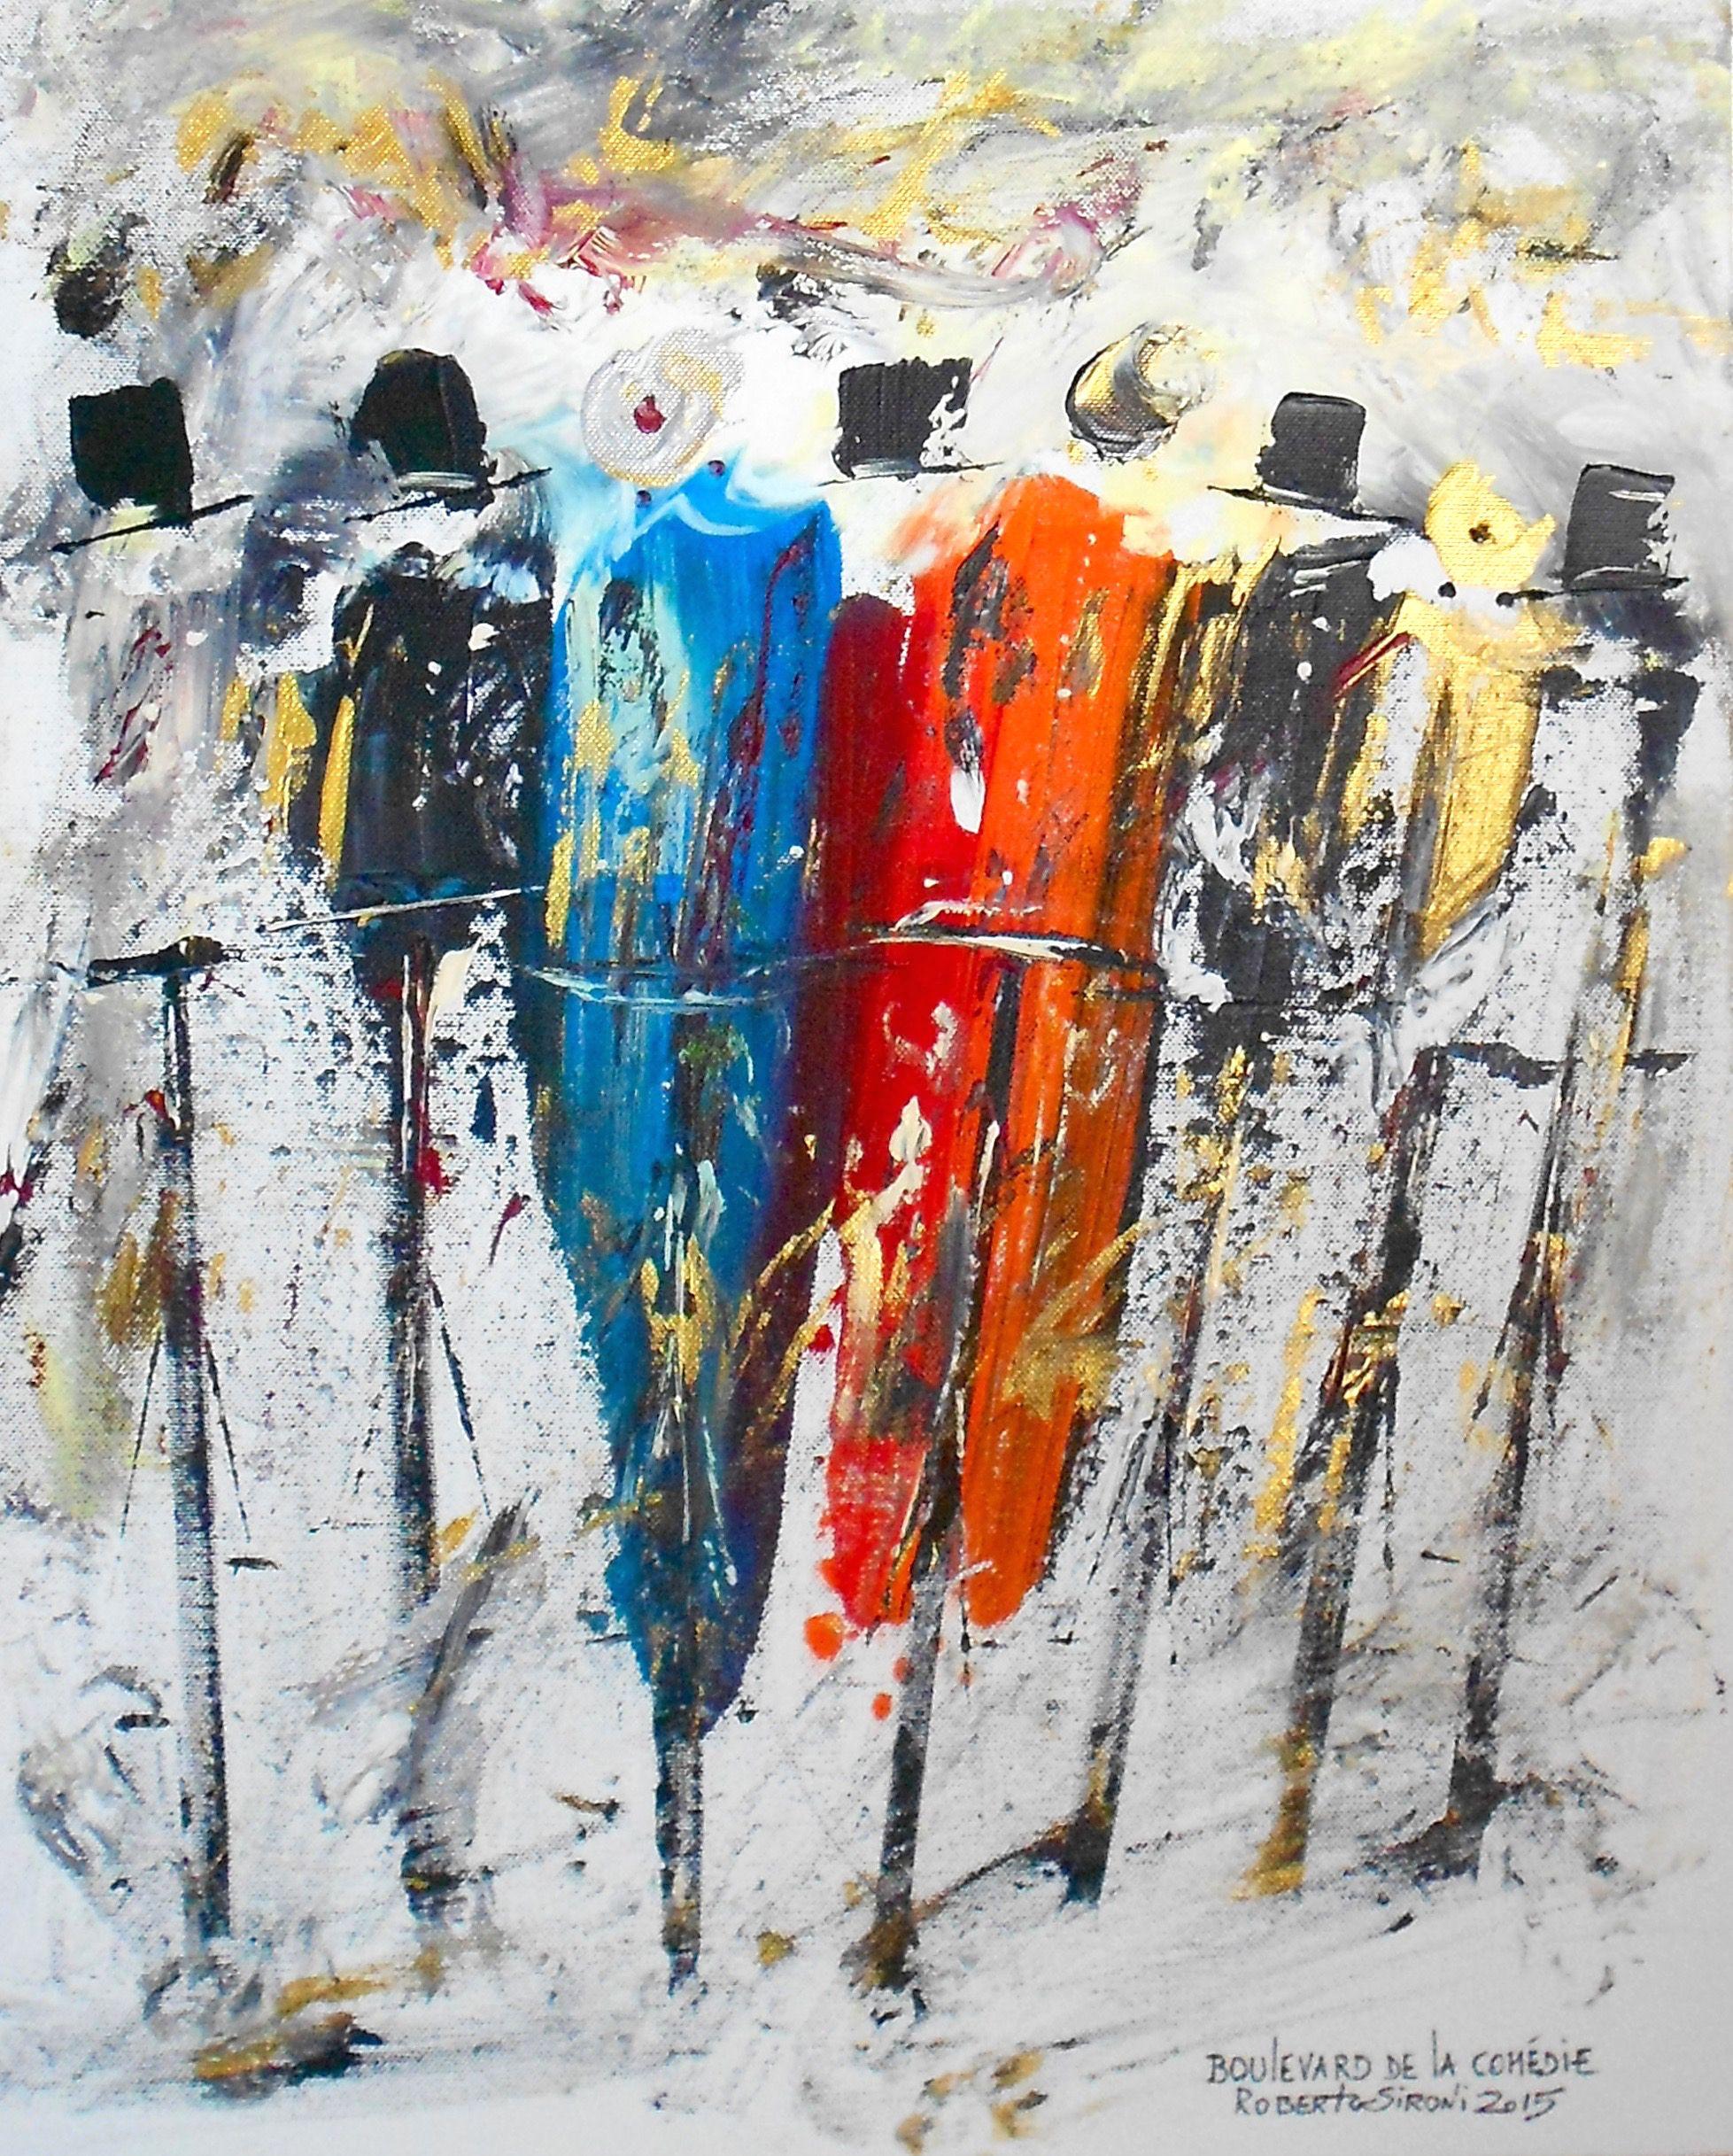 """""""BOULEVARD DE LA COMEDIE"""" -  opera di Roberto Sironi - acrilico su tela - 40 x 50"""